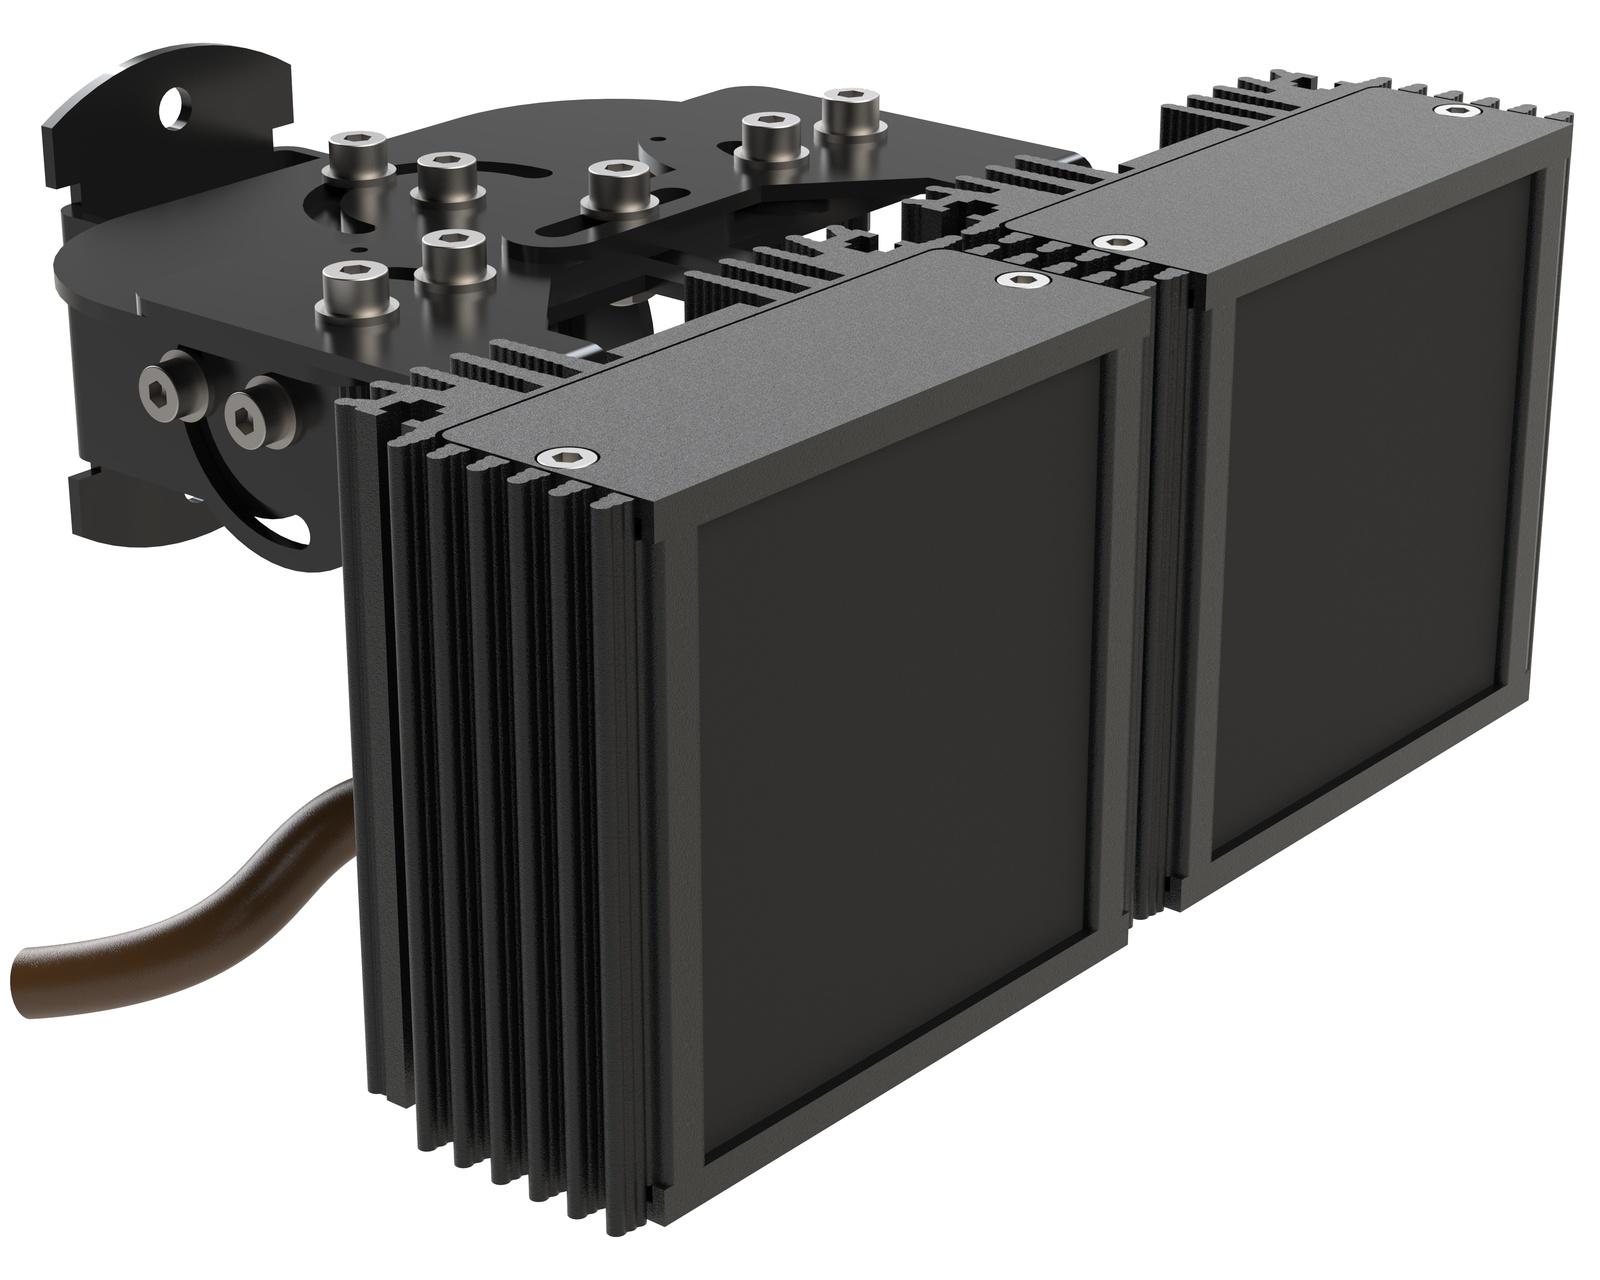 Инфракрасный прожектор Microlight IR VARIO M 5.0-50/45 с регулировкой угла для камеры с объективом 5.0-50 мм. Дальность до 110 метров ночного видения Уличный IP67